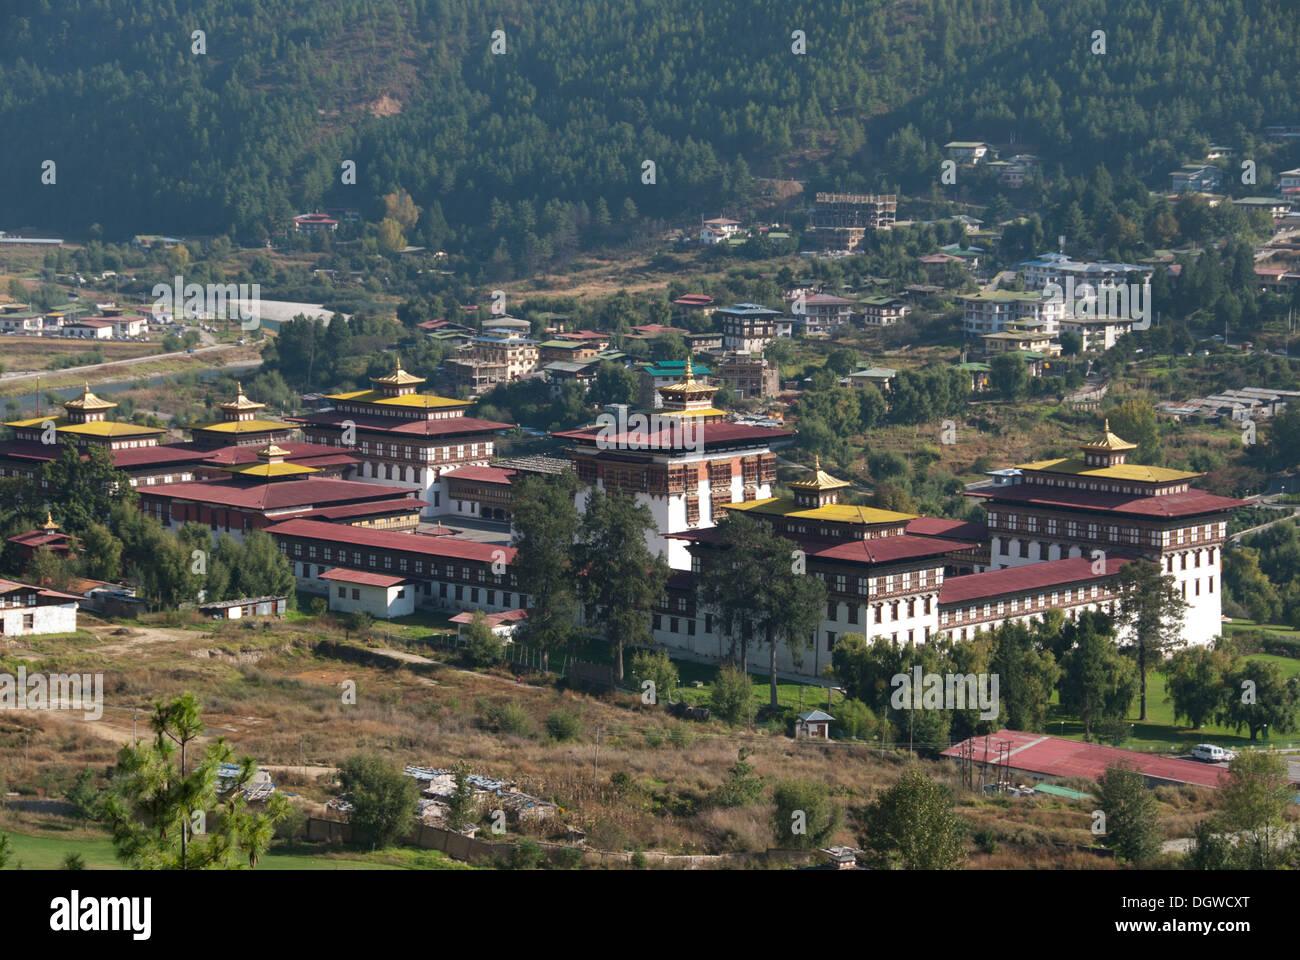 Monastère forteresse de Trashi Chhoe Dzong, siège du gouvernement, Thimphu, capitale du Royaume du Bhoutan, l'Asie du Sud, Asie Photo Stock